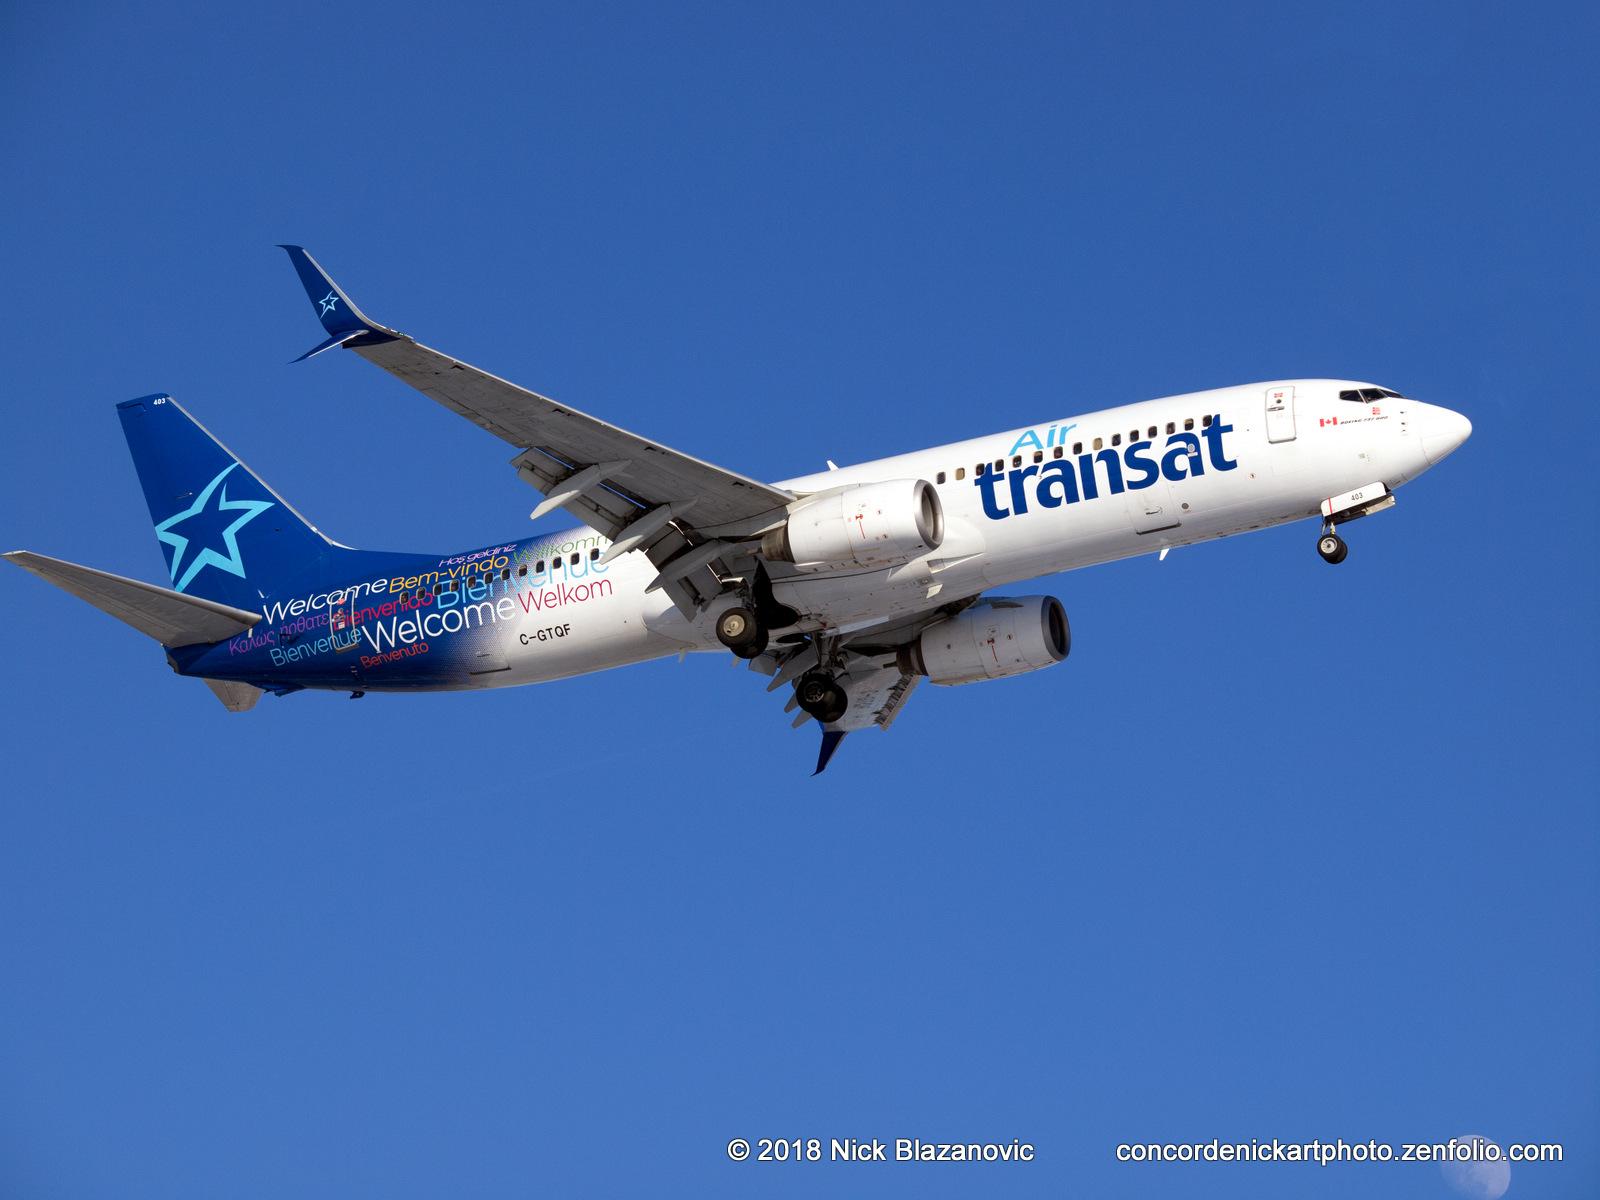 An Air Transat Boeing B-737-800 caught on final approach to CYWG / Winnipeg.